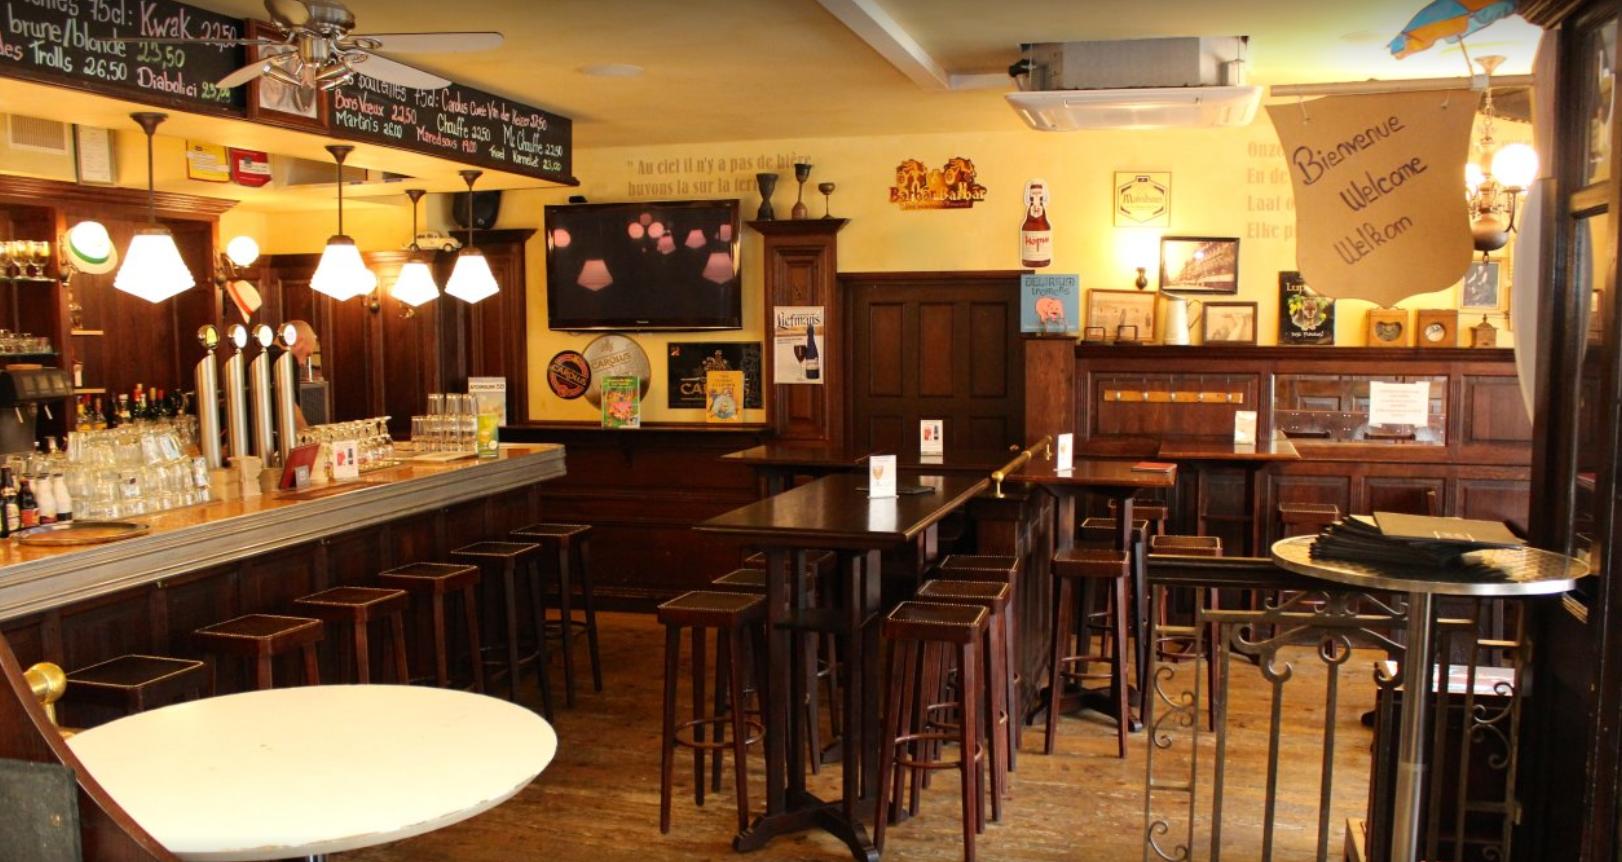 Bruxelles Cafe Restaurant - Sauce-piquante.ch